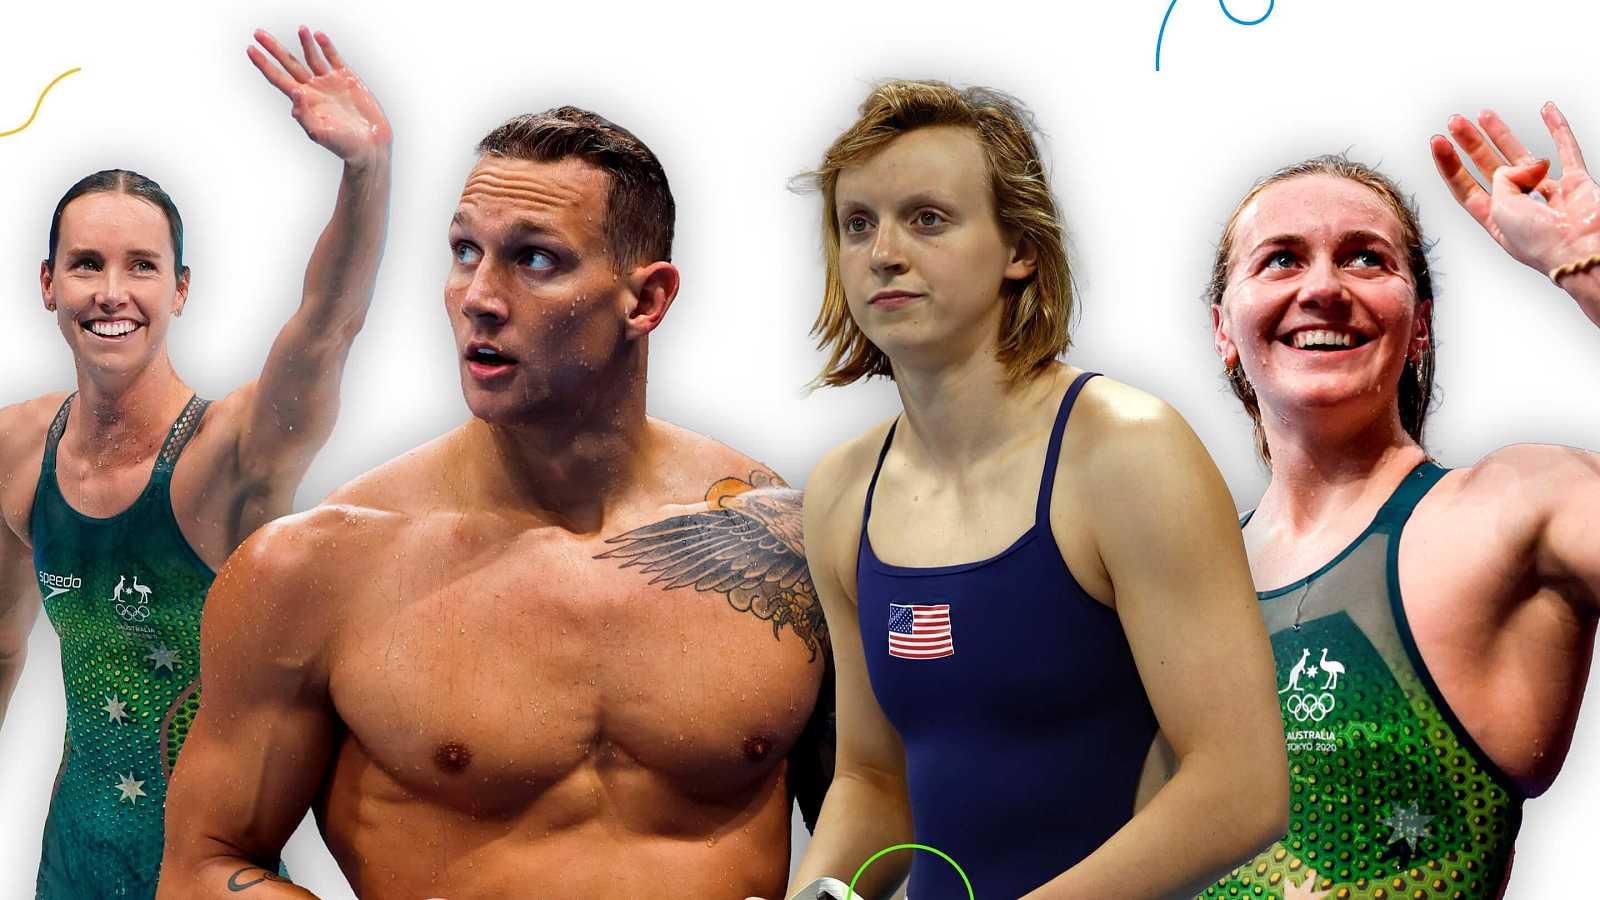 Las estrellas de la natación en Tokyo 2020: de izquierda a derecha, Emma McKeon, Caeleb Dressel, Katie Ledecky y Ariarne Titmus